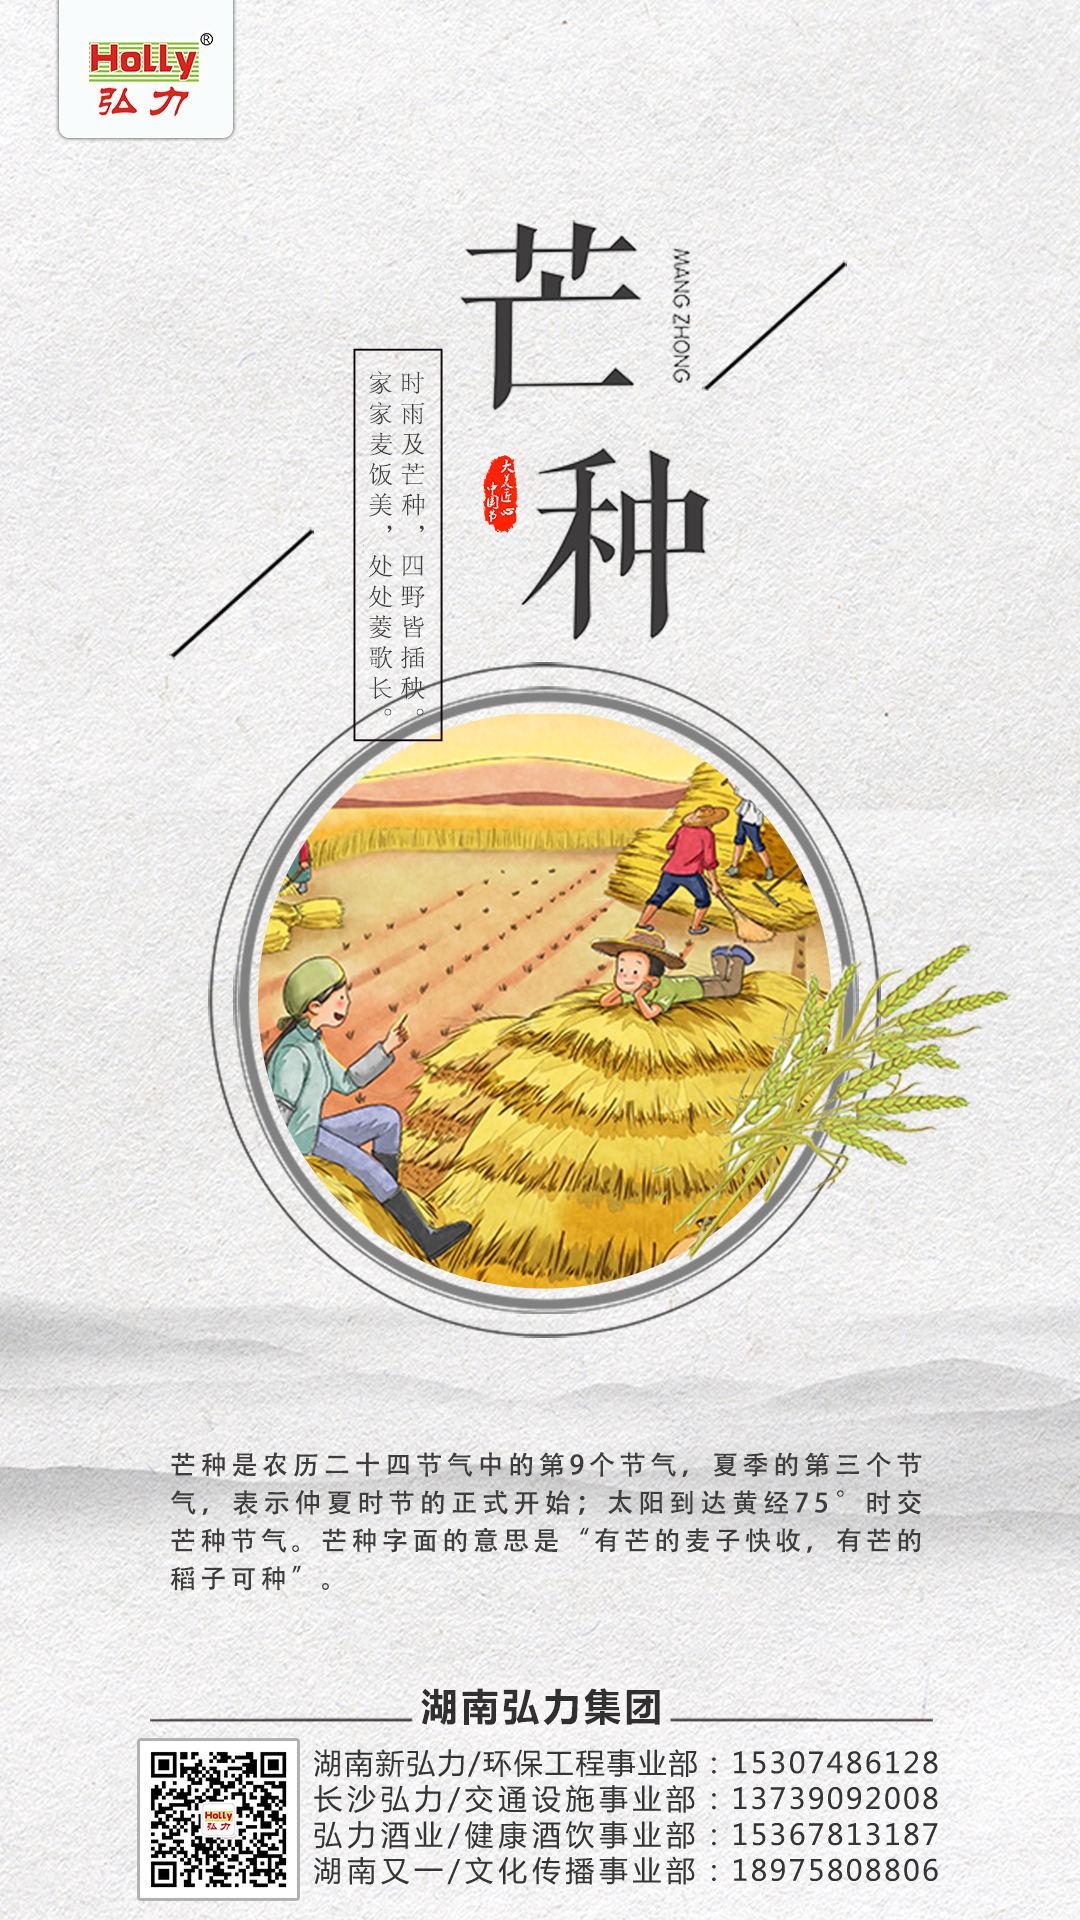 弘力集团,2019.6.6芒种_看图王.jpg